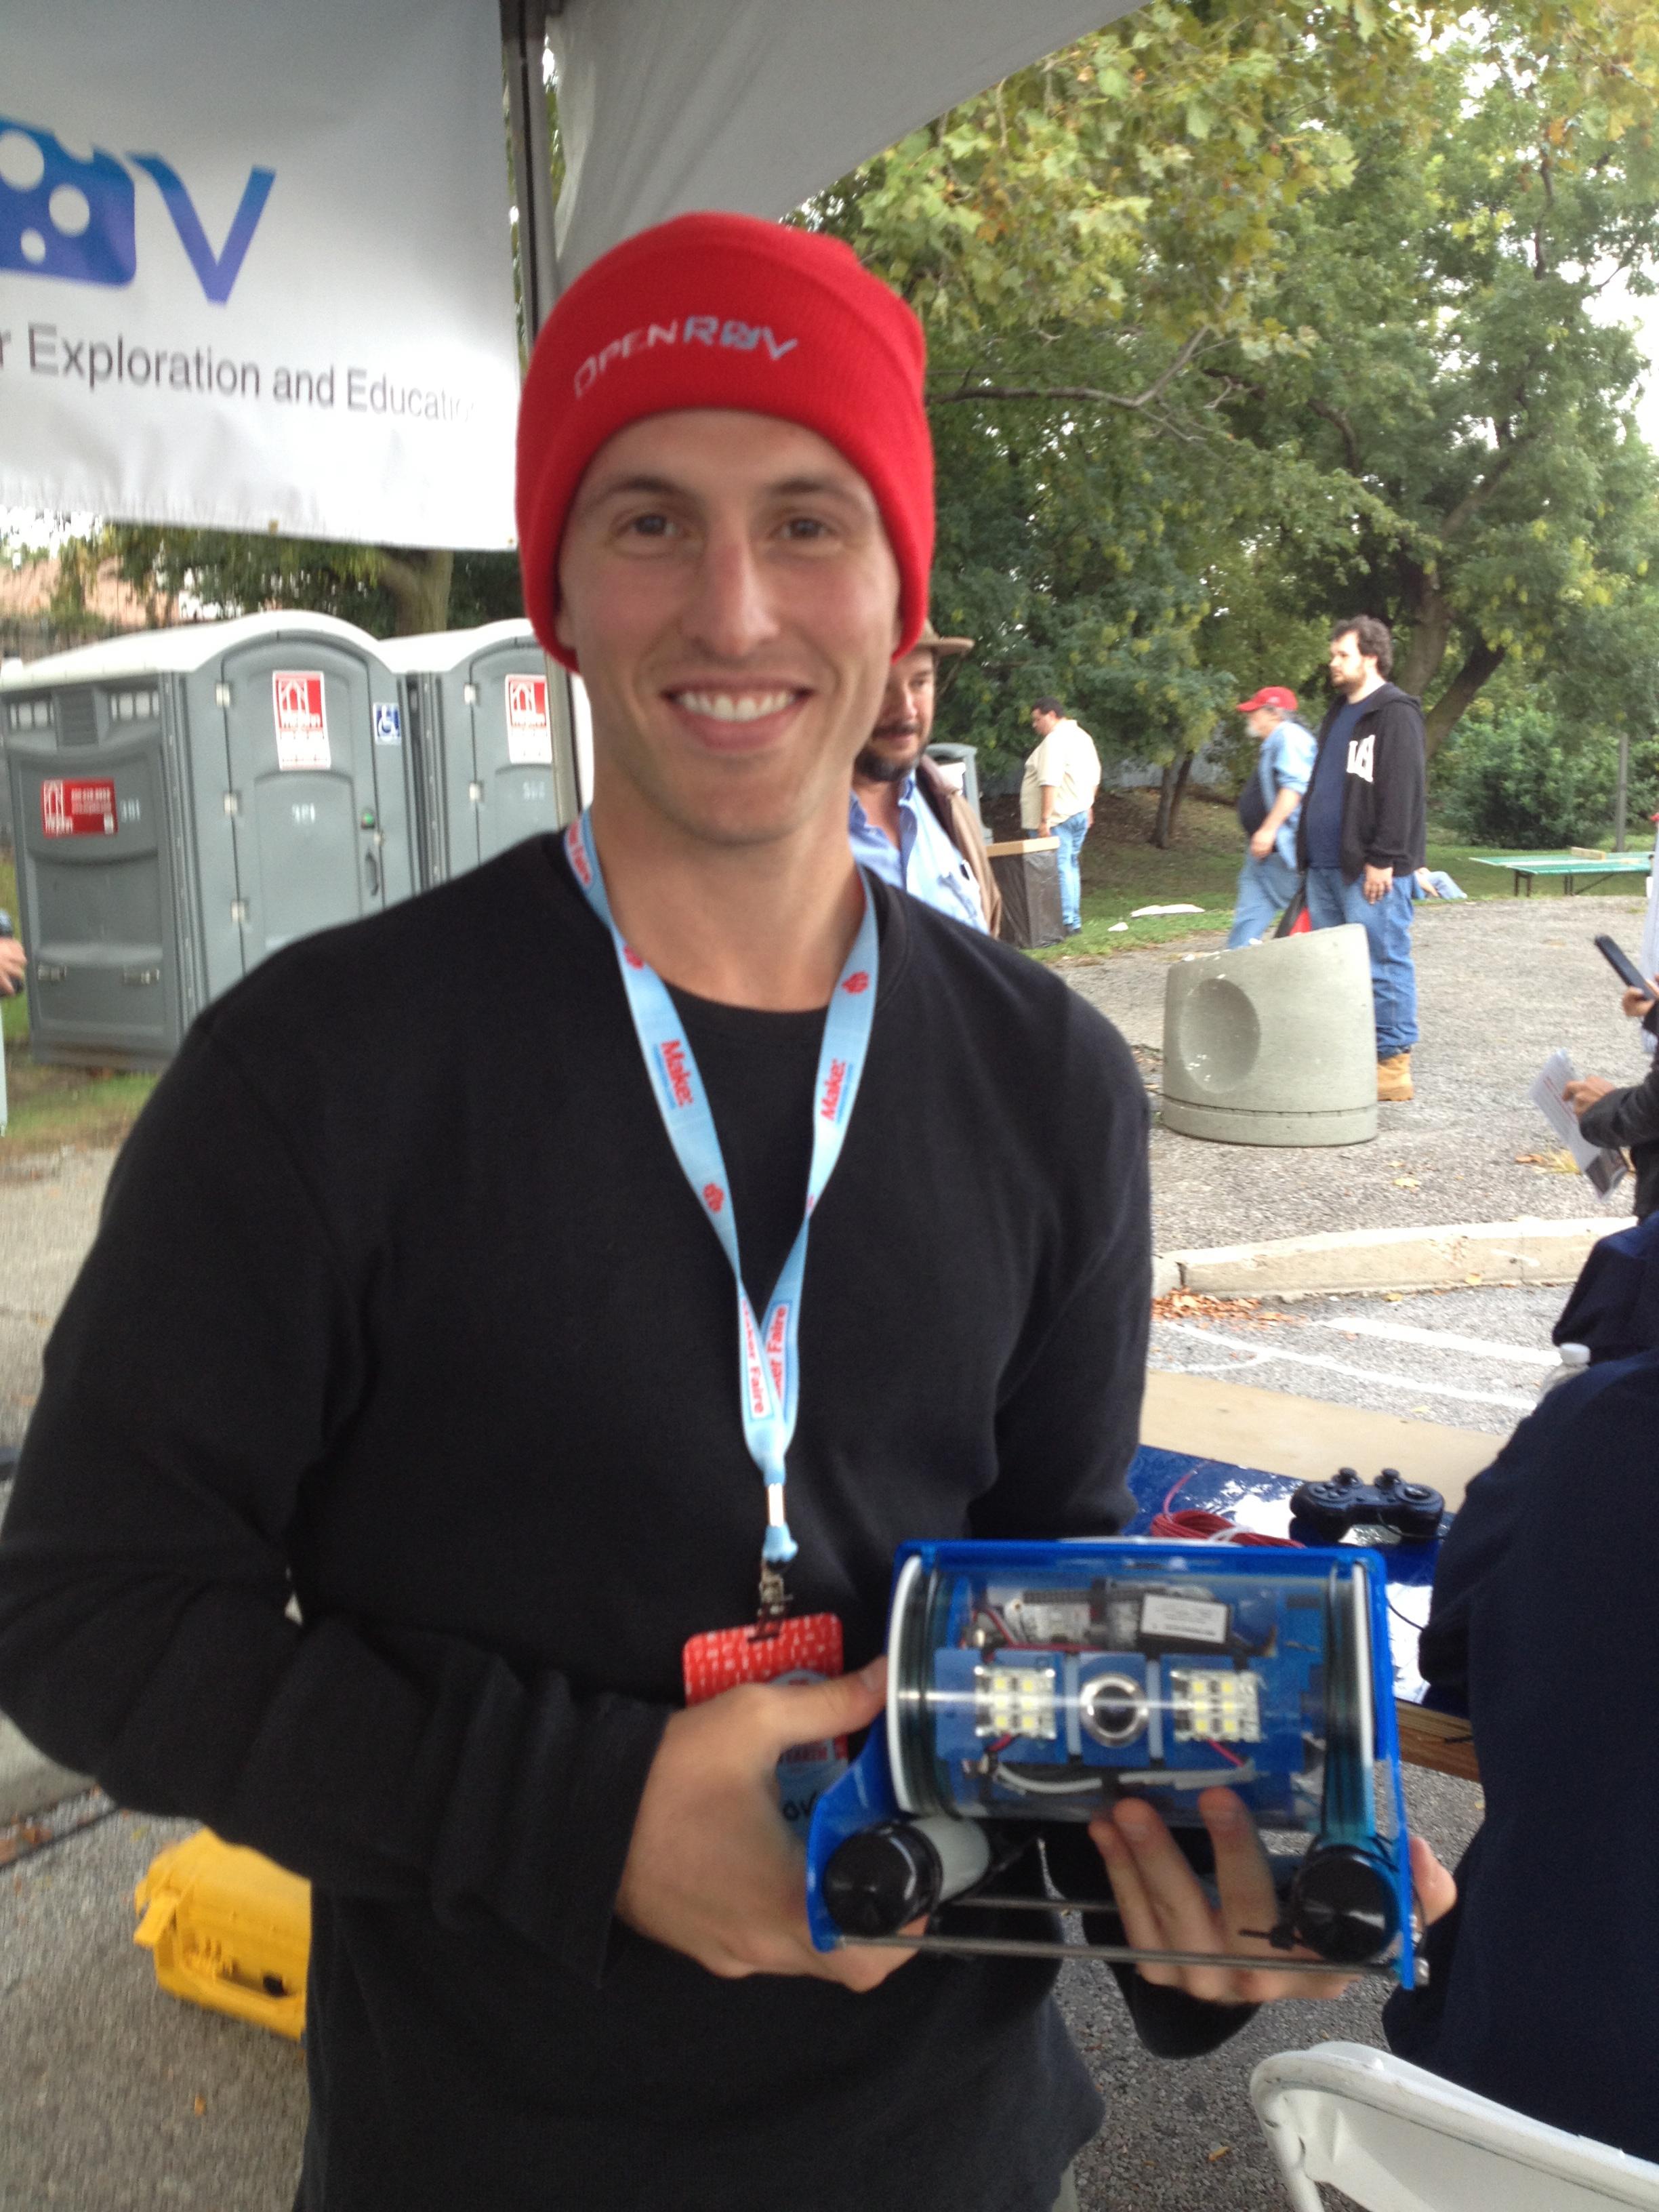 Open ROV at Maker Faire